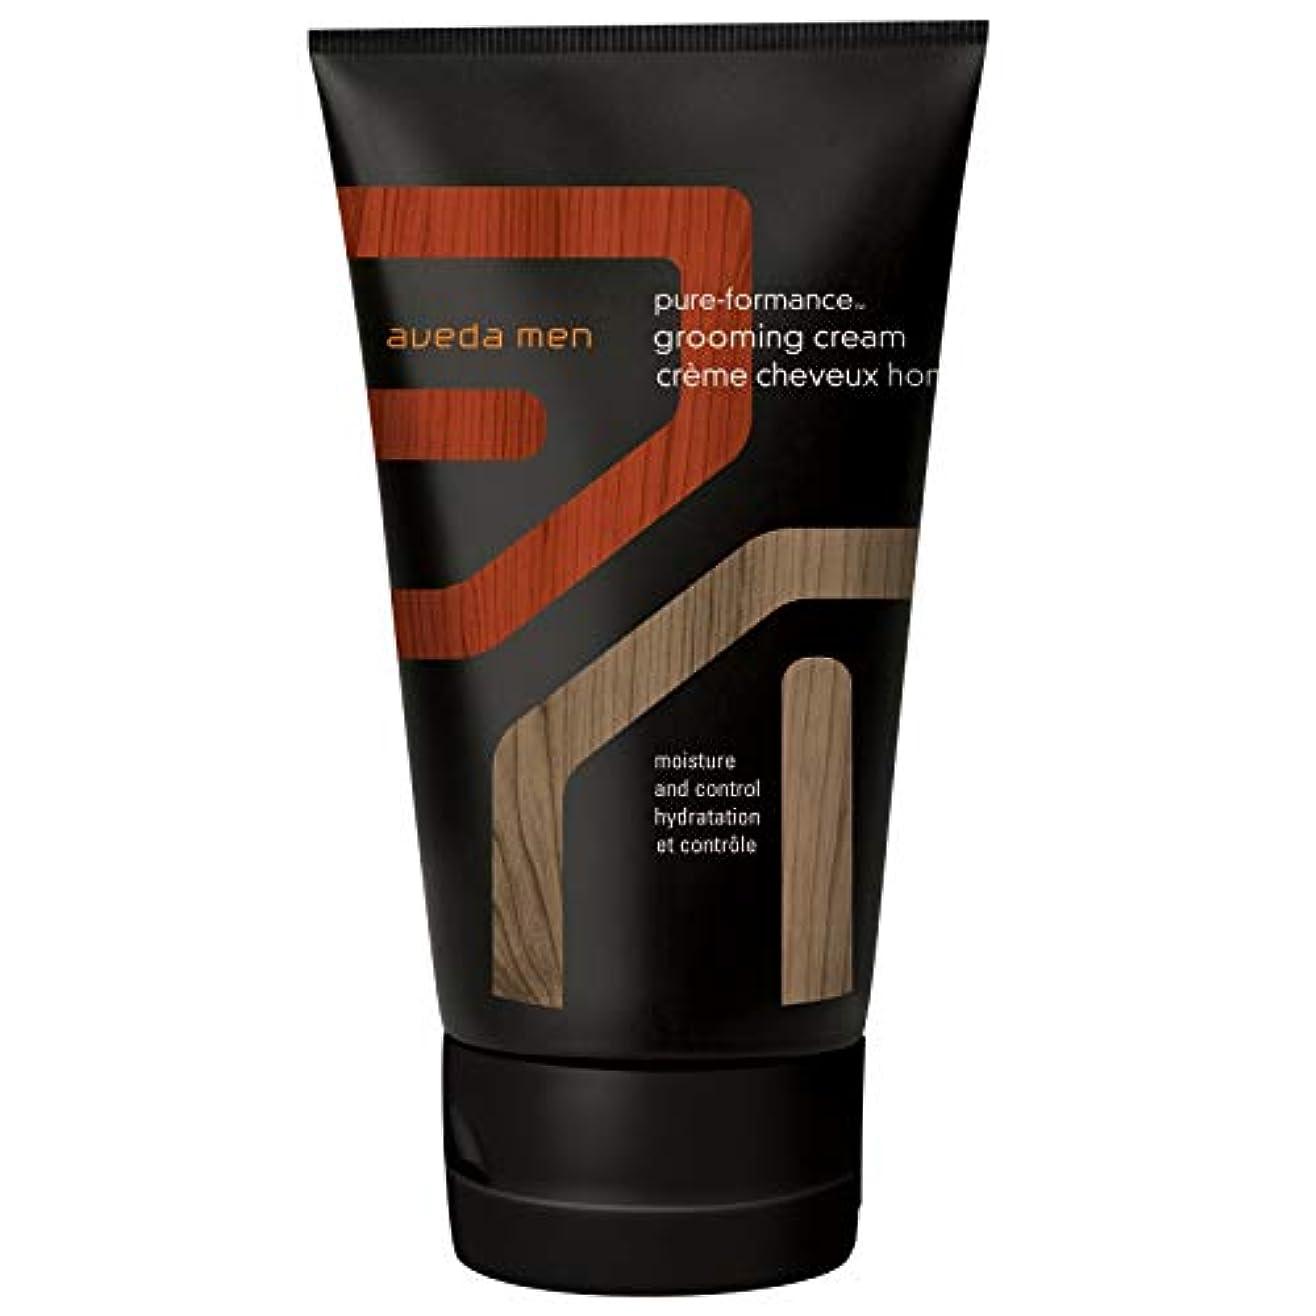 路面電車苦痛あなたのもの[AVEDA] アヴェダ男性の純粋な-Formanceグルーミングクリーム125ミリリットル - Aveda Men Pure-Formance Grooming Cream 125ml [並行輸入品]